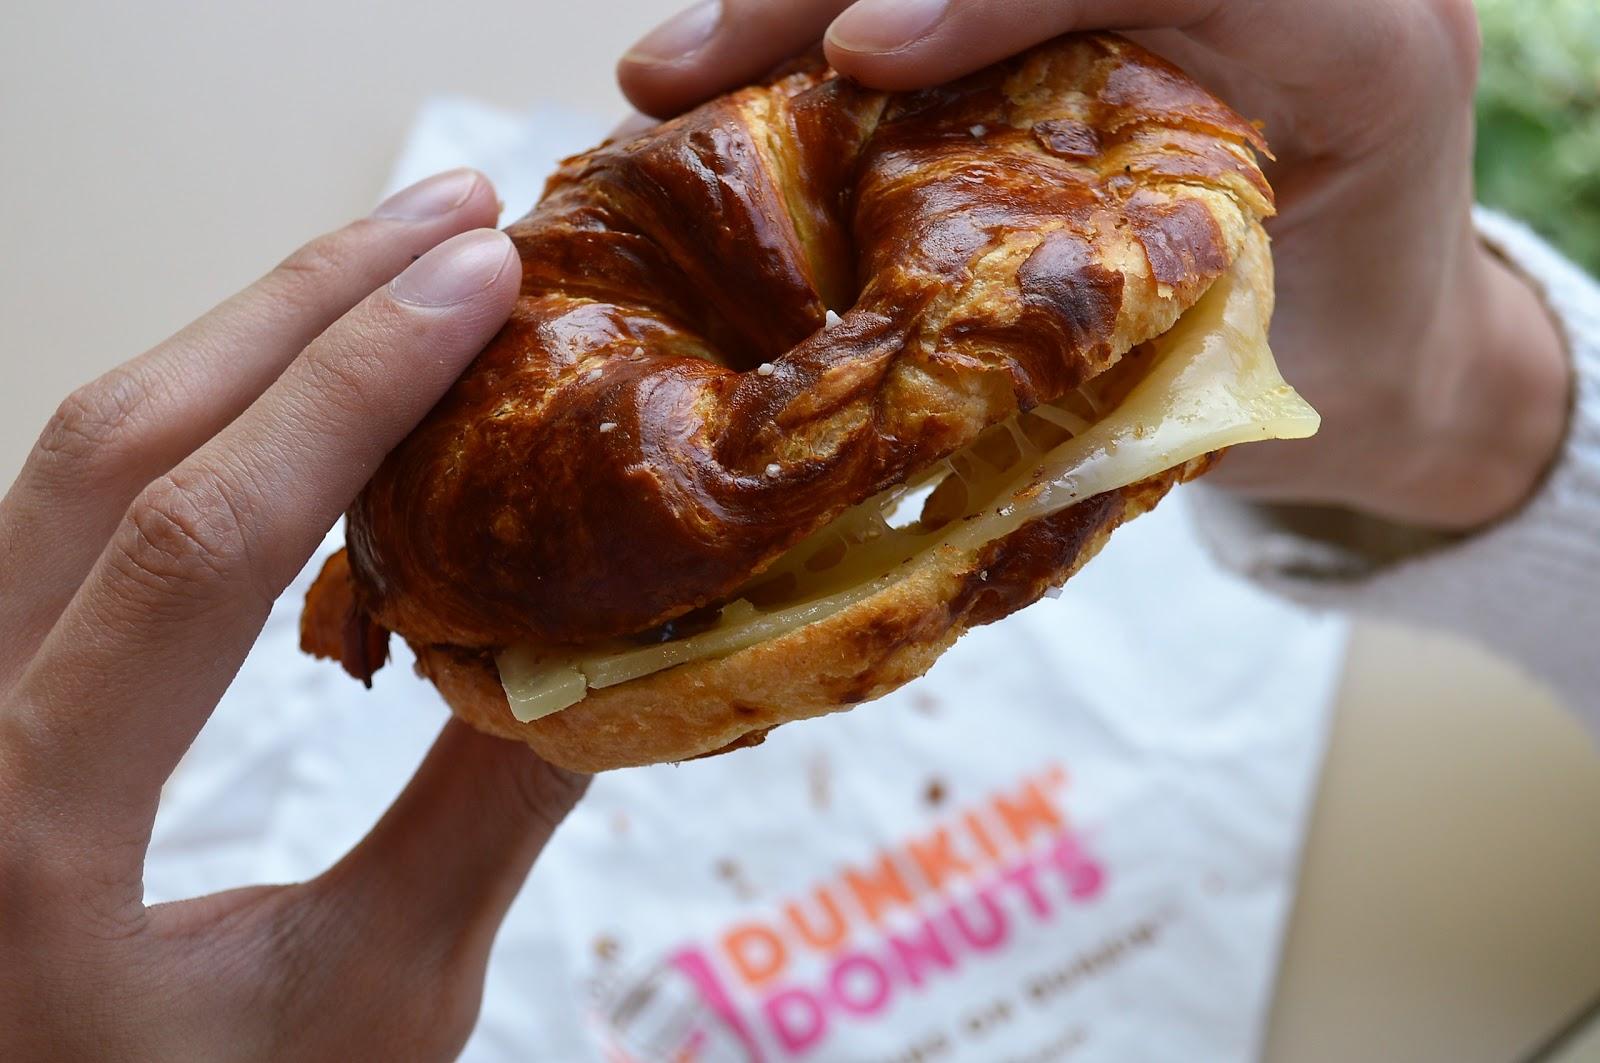 Dunkin' Donuts Debuts New Pretzel Croissant Breakfast Sandwich!